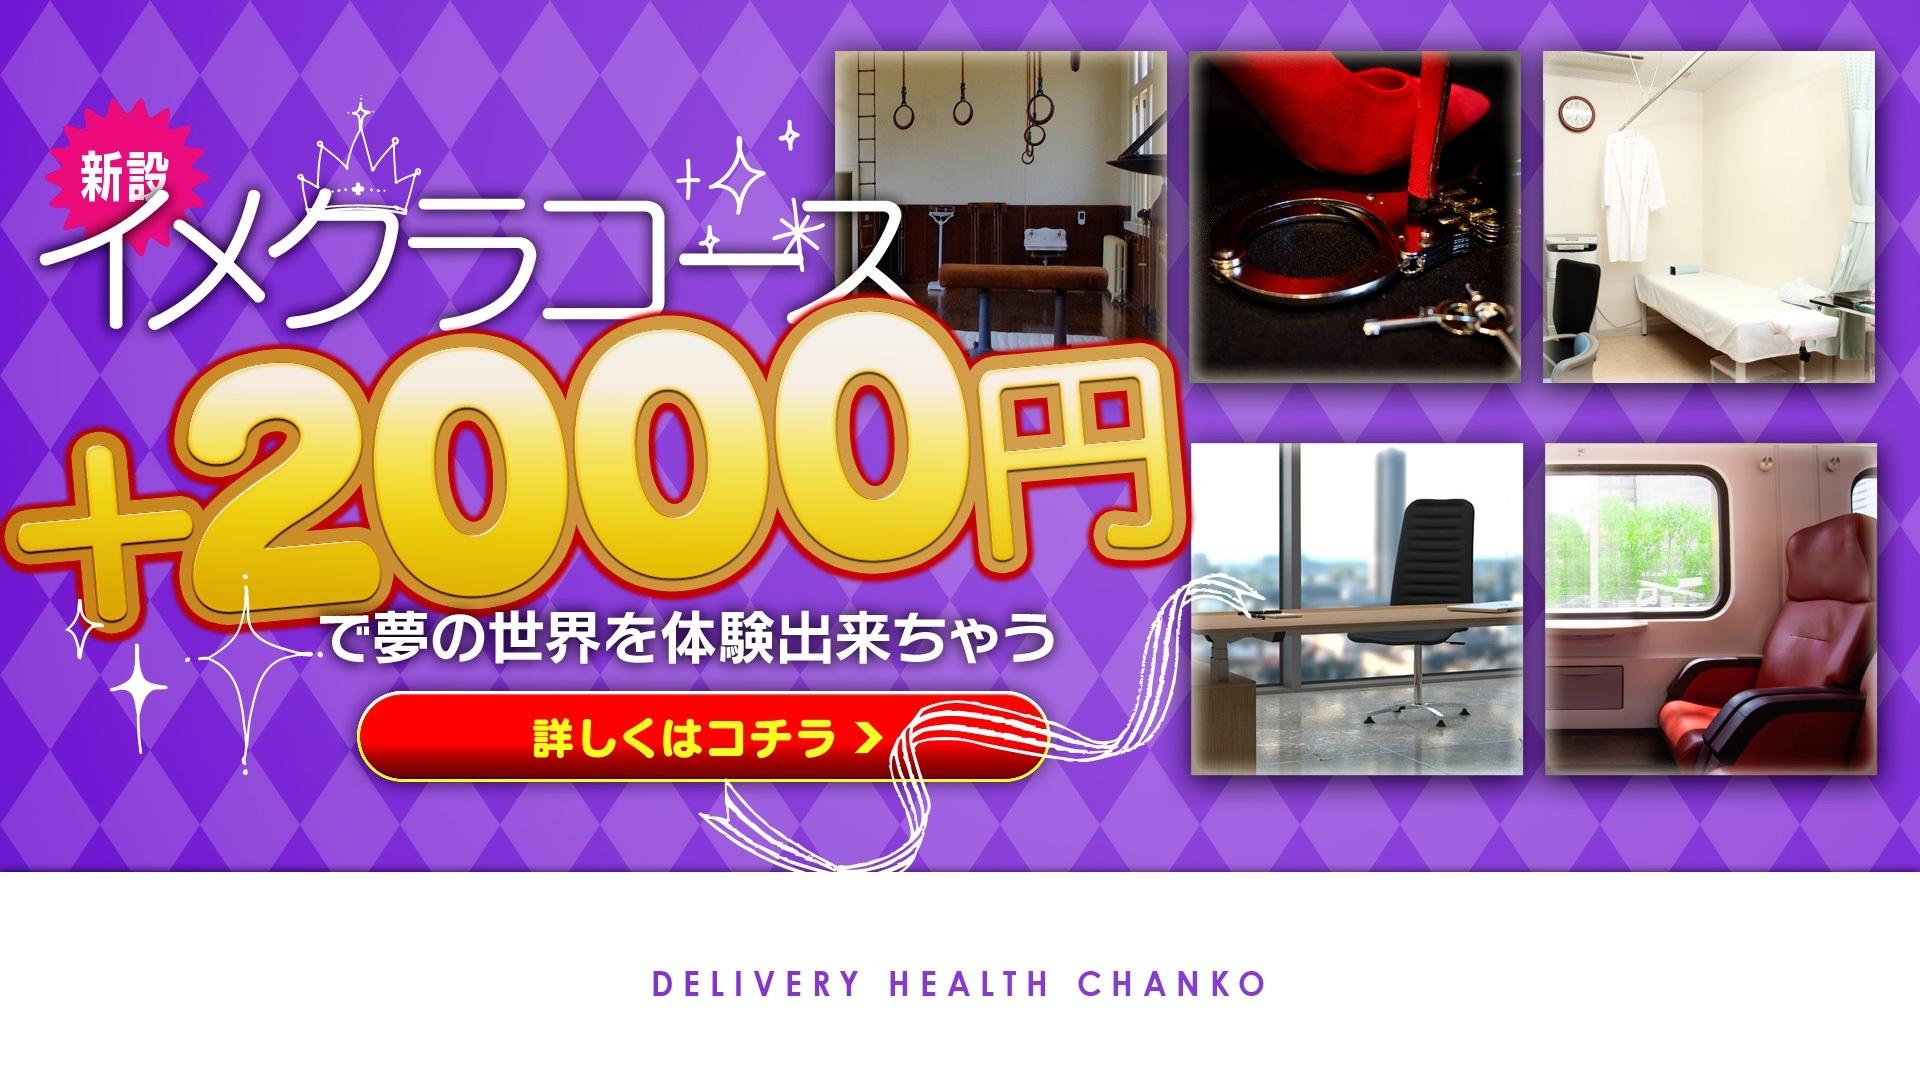 ちゃんこ様新デザイン_201128_4